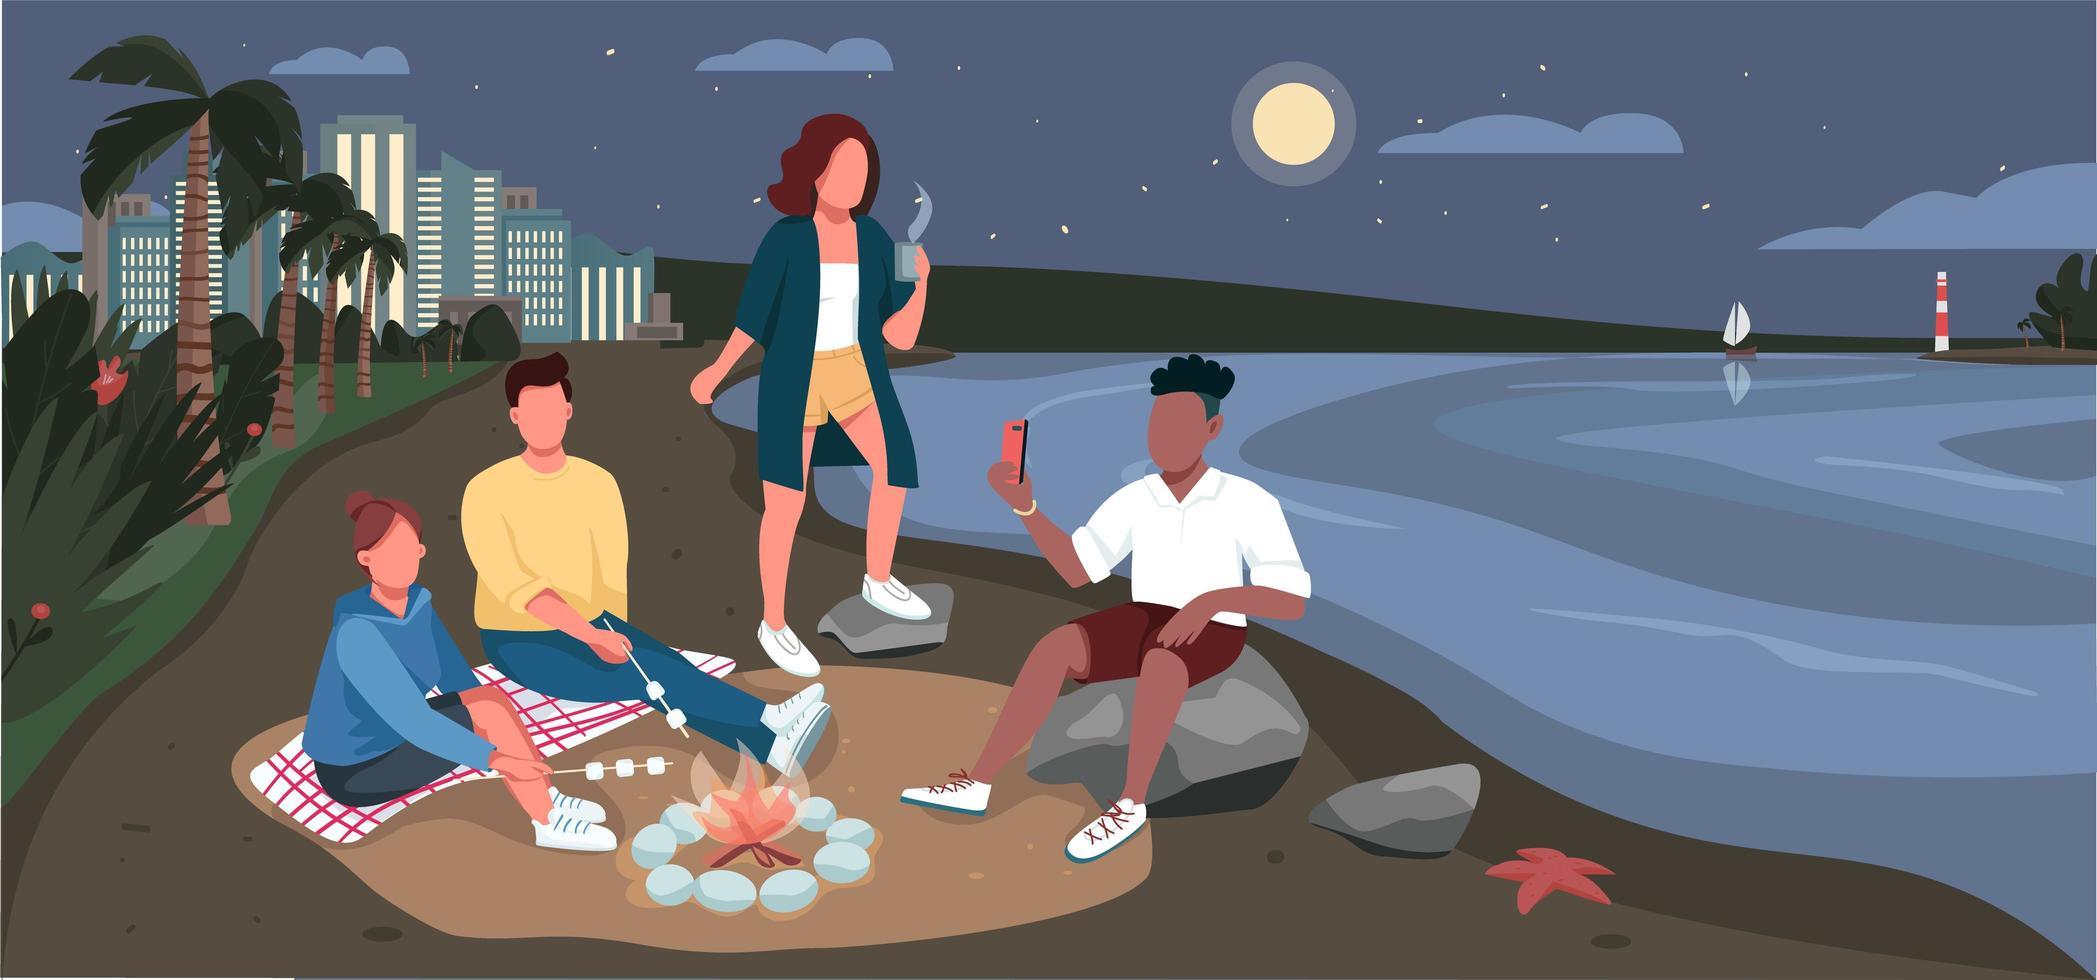 Freunde Abend Picknick am Sandstrand vektor